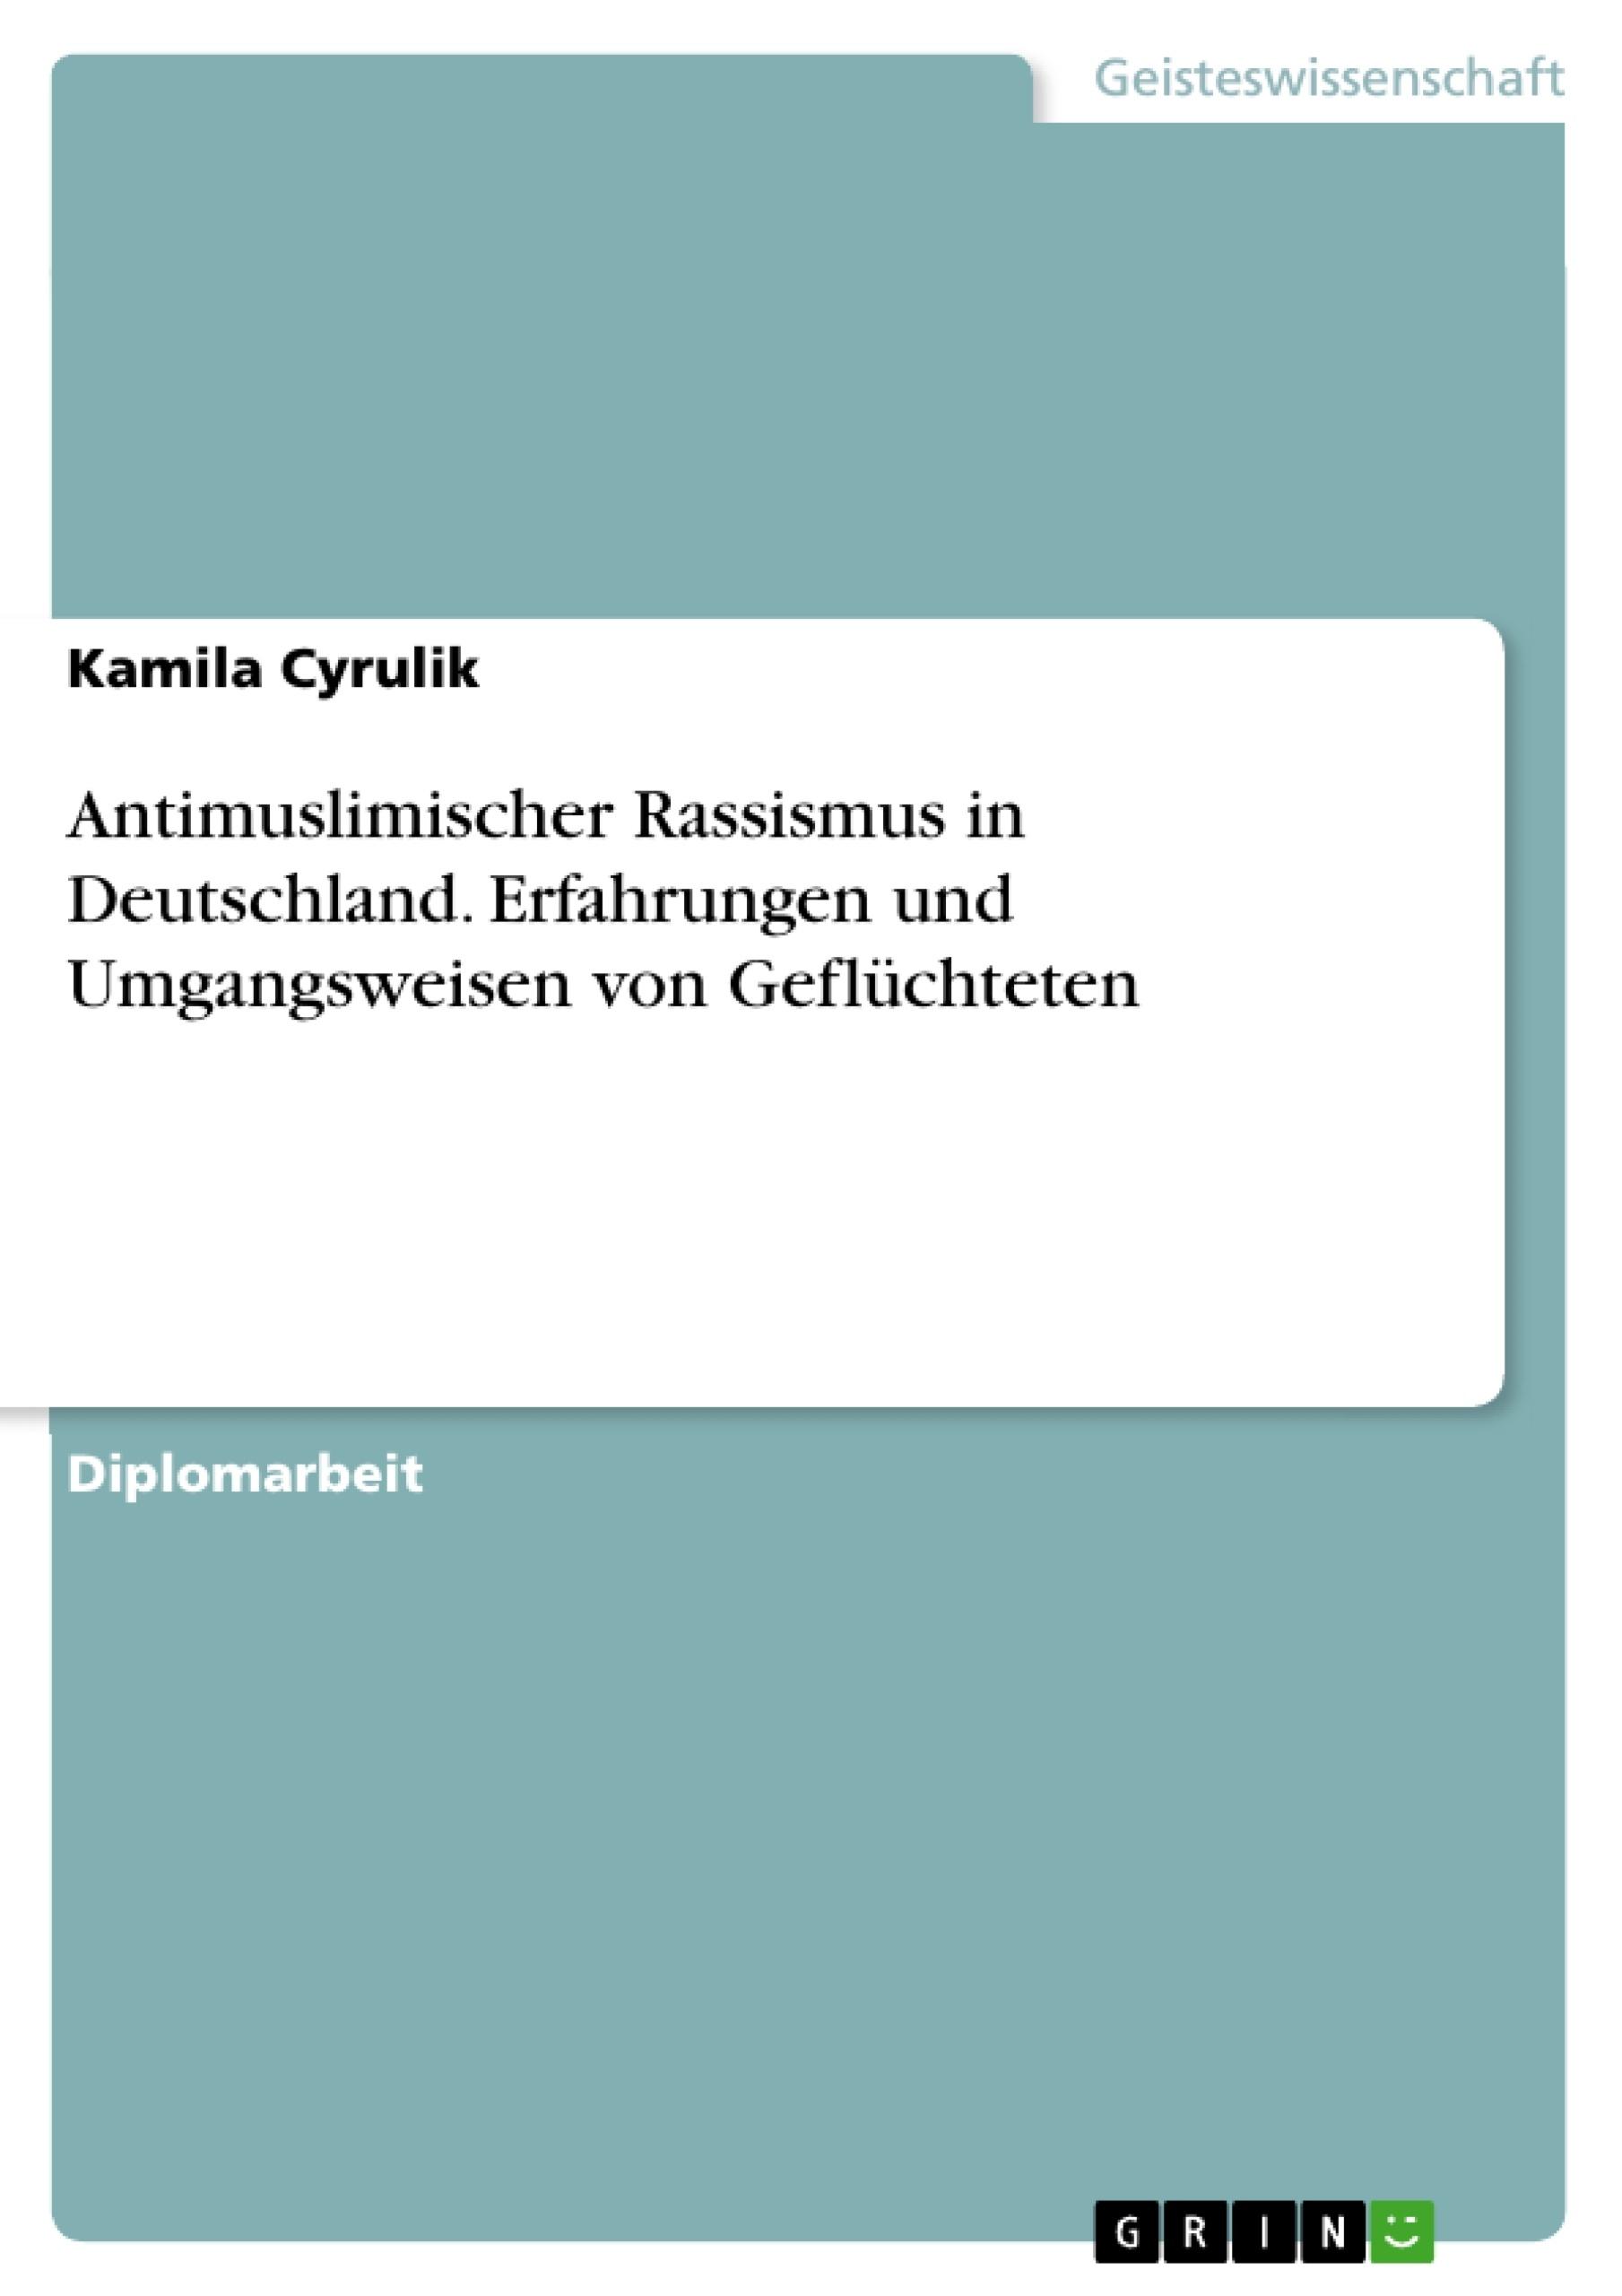 Titel: Antimuslimischer Rassismus in Deutschland. Erfahrungen und Umgangsweisen von Geflüchteten